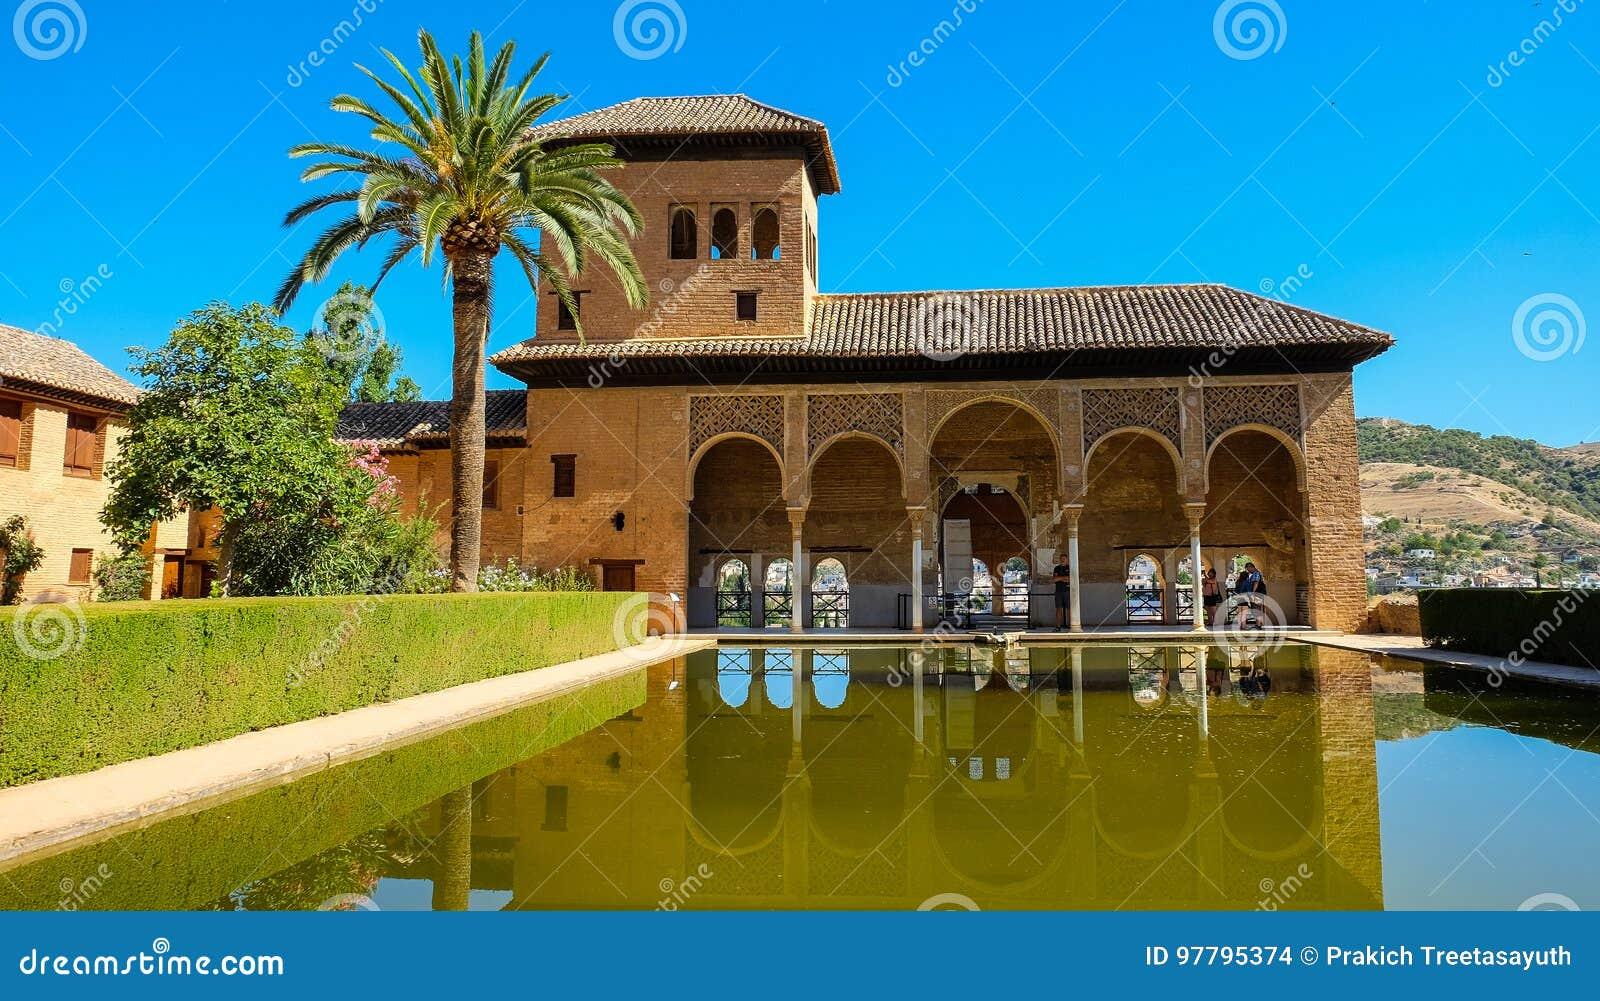 The Partal in Alhambra, Granada